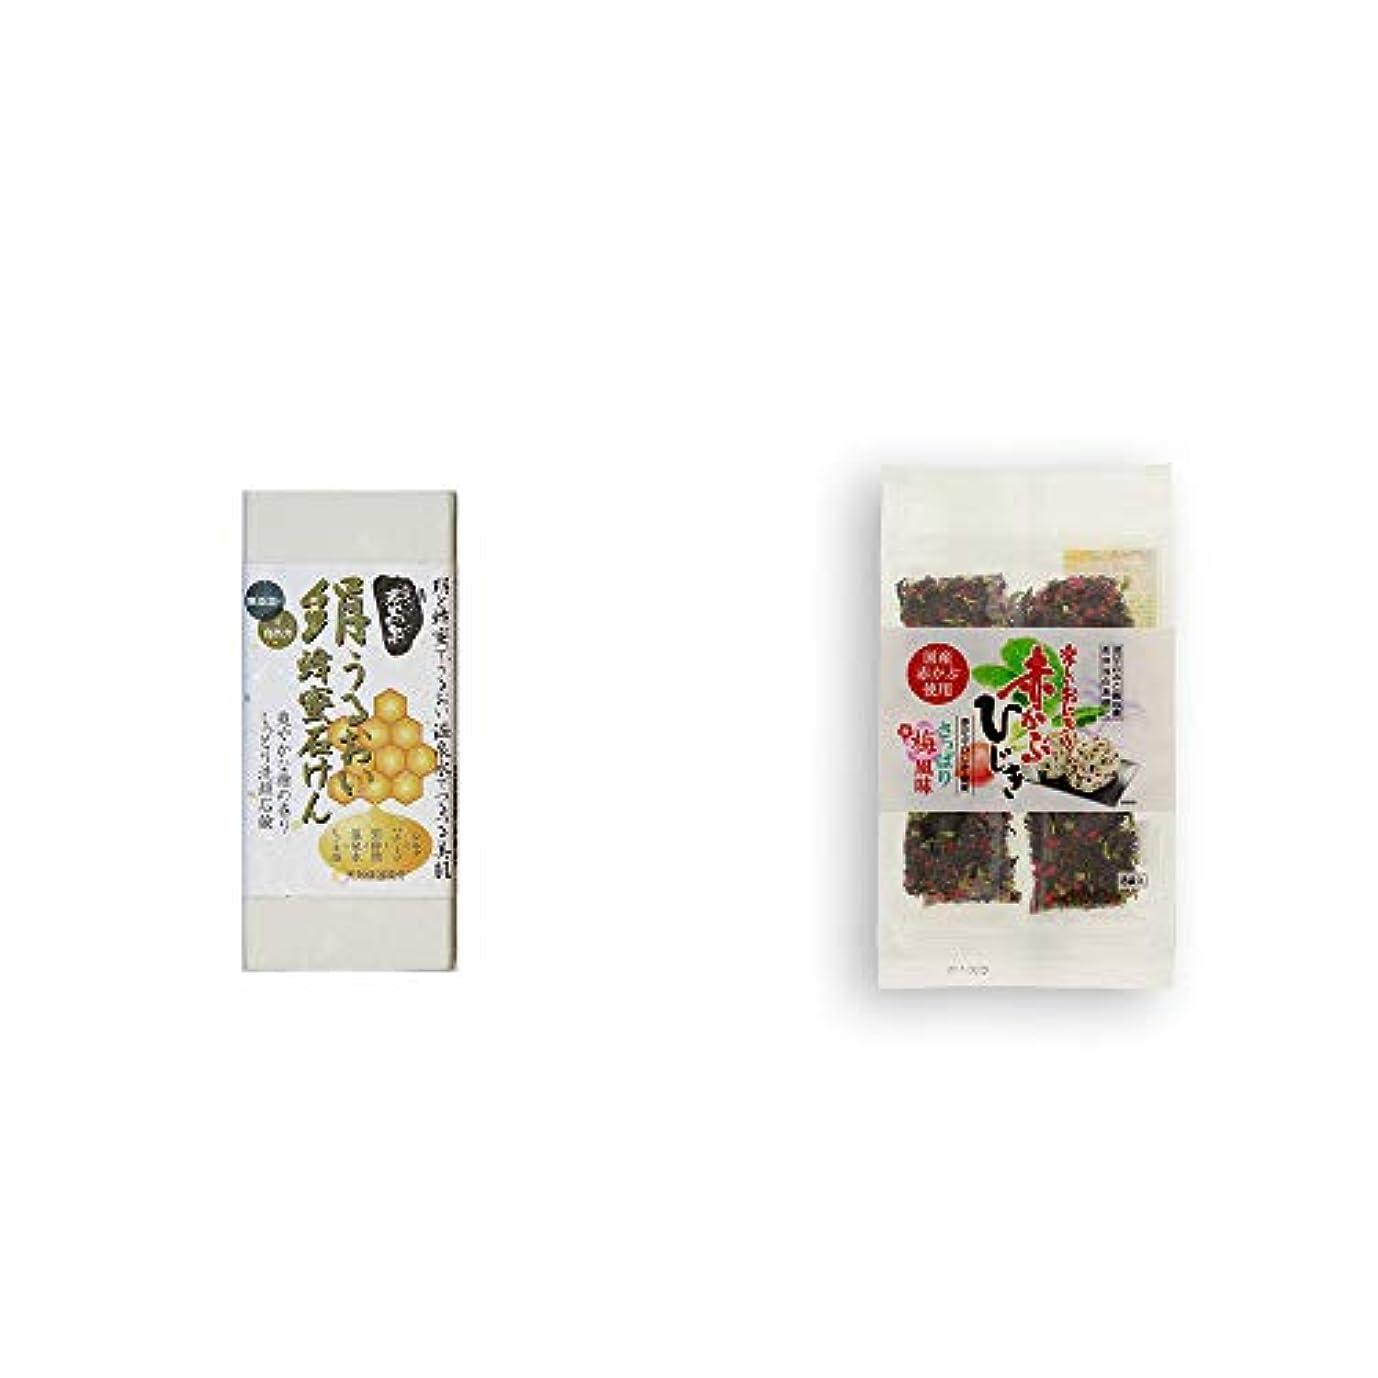 パーク褒賞機動[2点セット] ひのき炭黒泉 絹うるおい蜂蜜石けん(75g×2)?楽しいおにぎり 赤かぶひじき(8g×8袋)